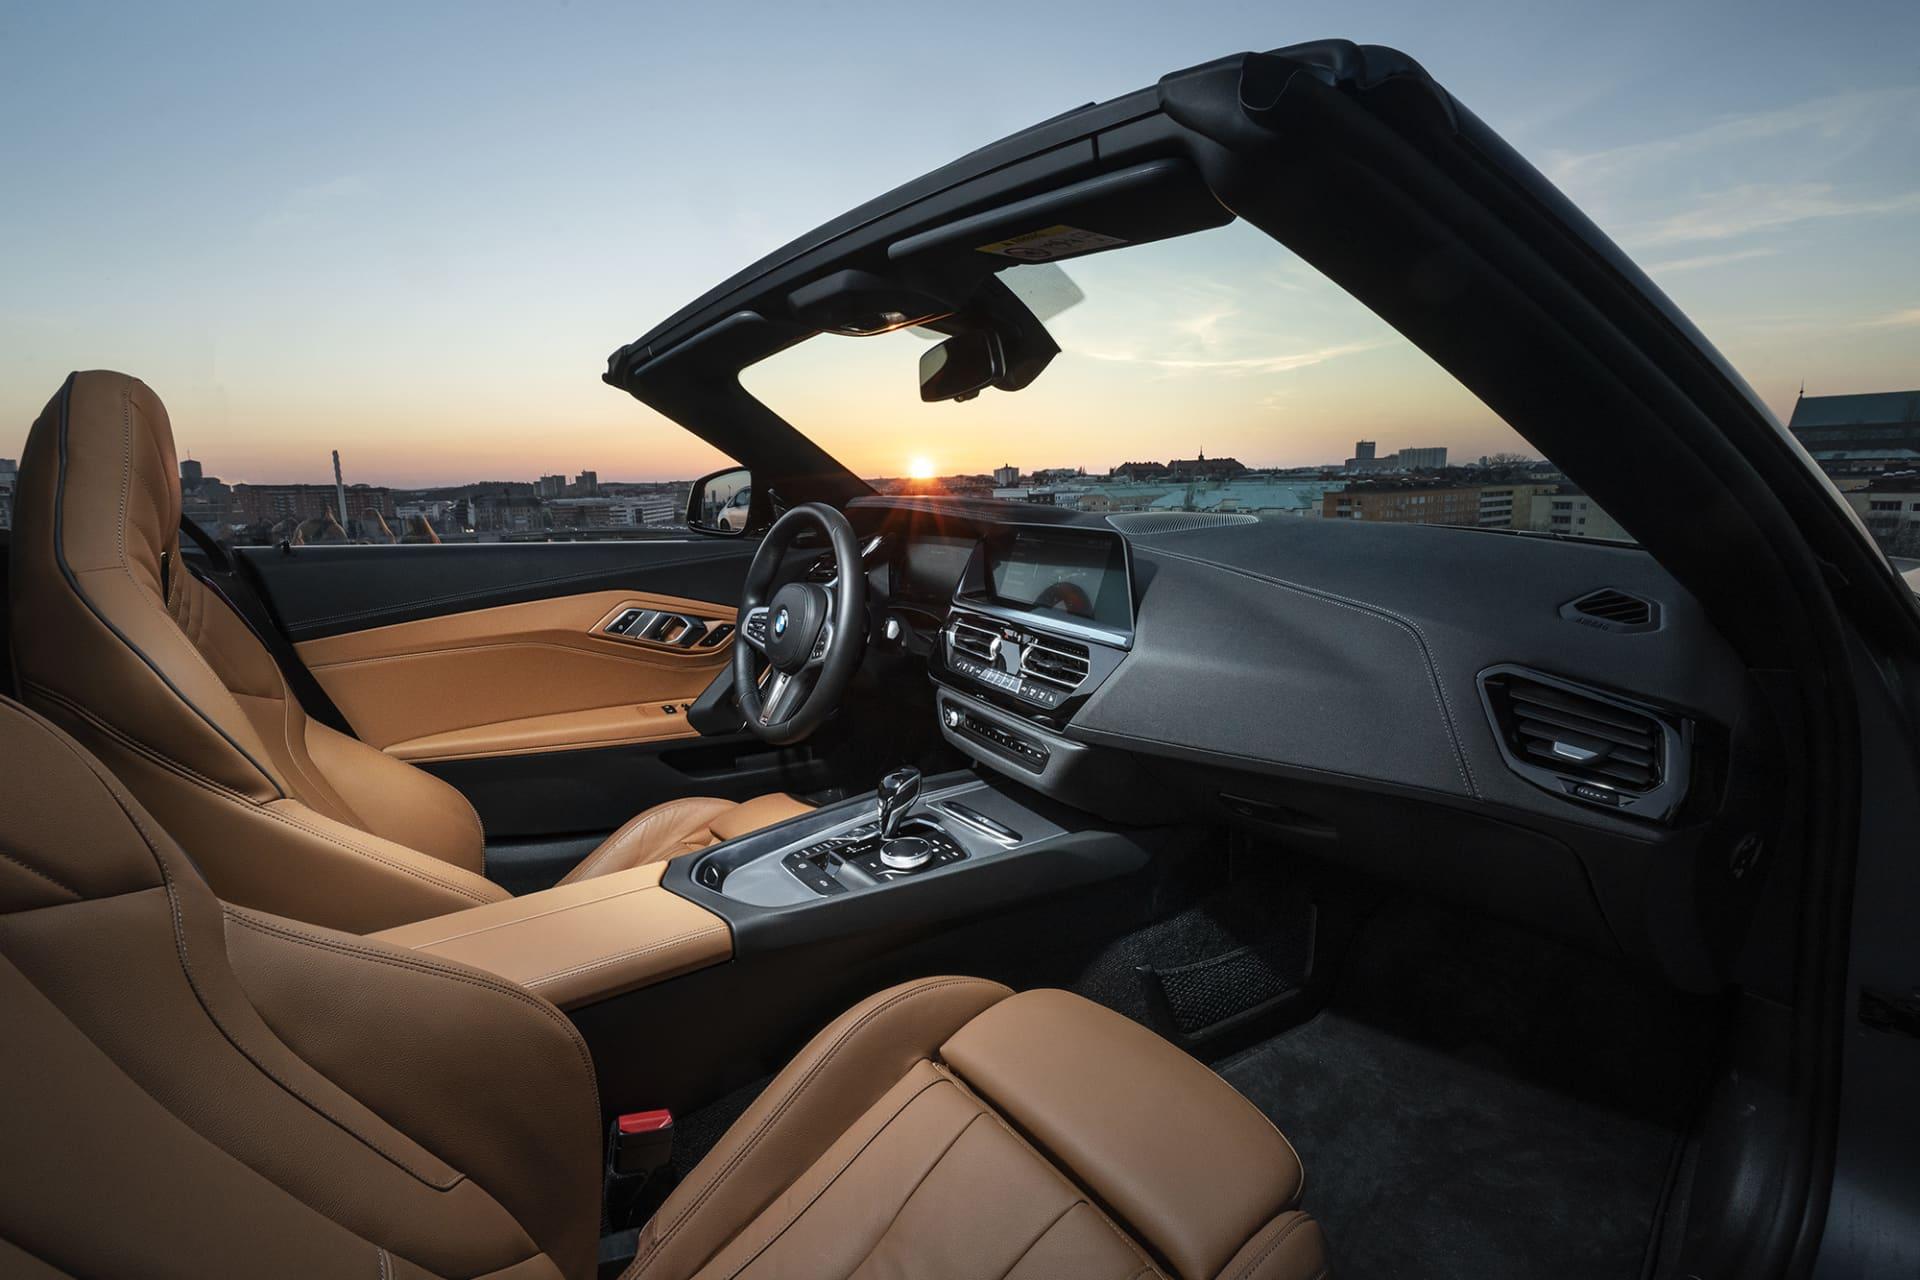 Interiören är som vanligt av högsta klass. Trådlös Apple CarPlay och ett ypperligt ljudsystem från Harman Kardon är en del av tekniken som du får i nya Z4 M40i.